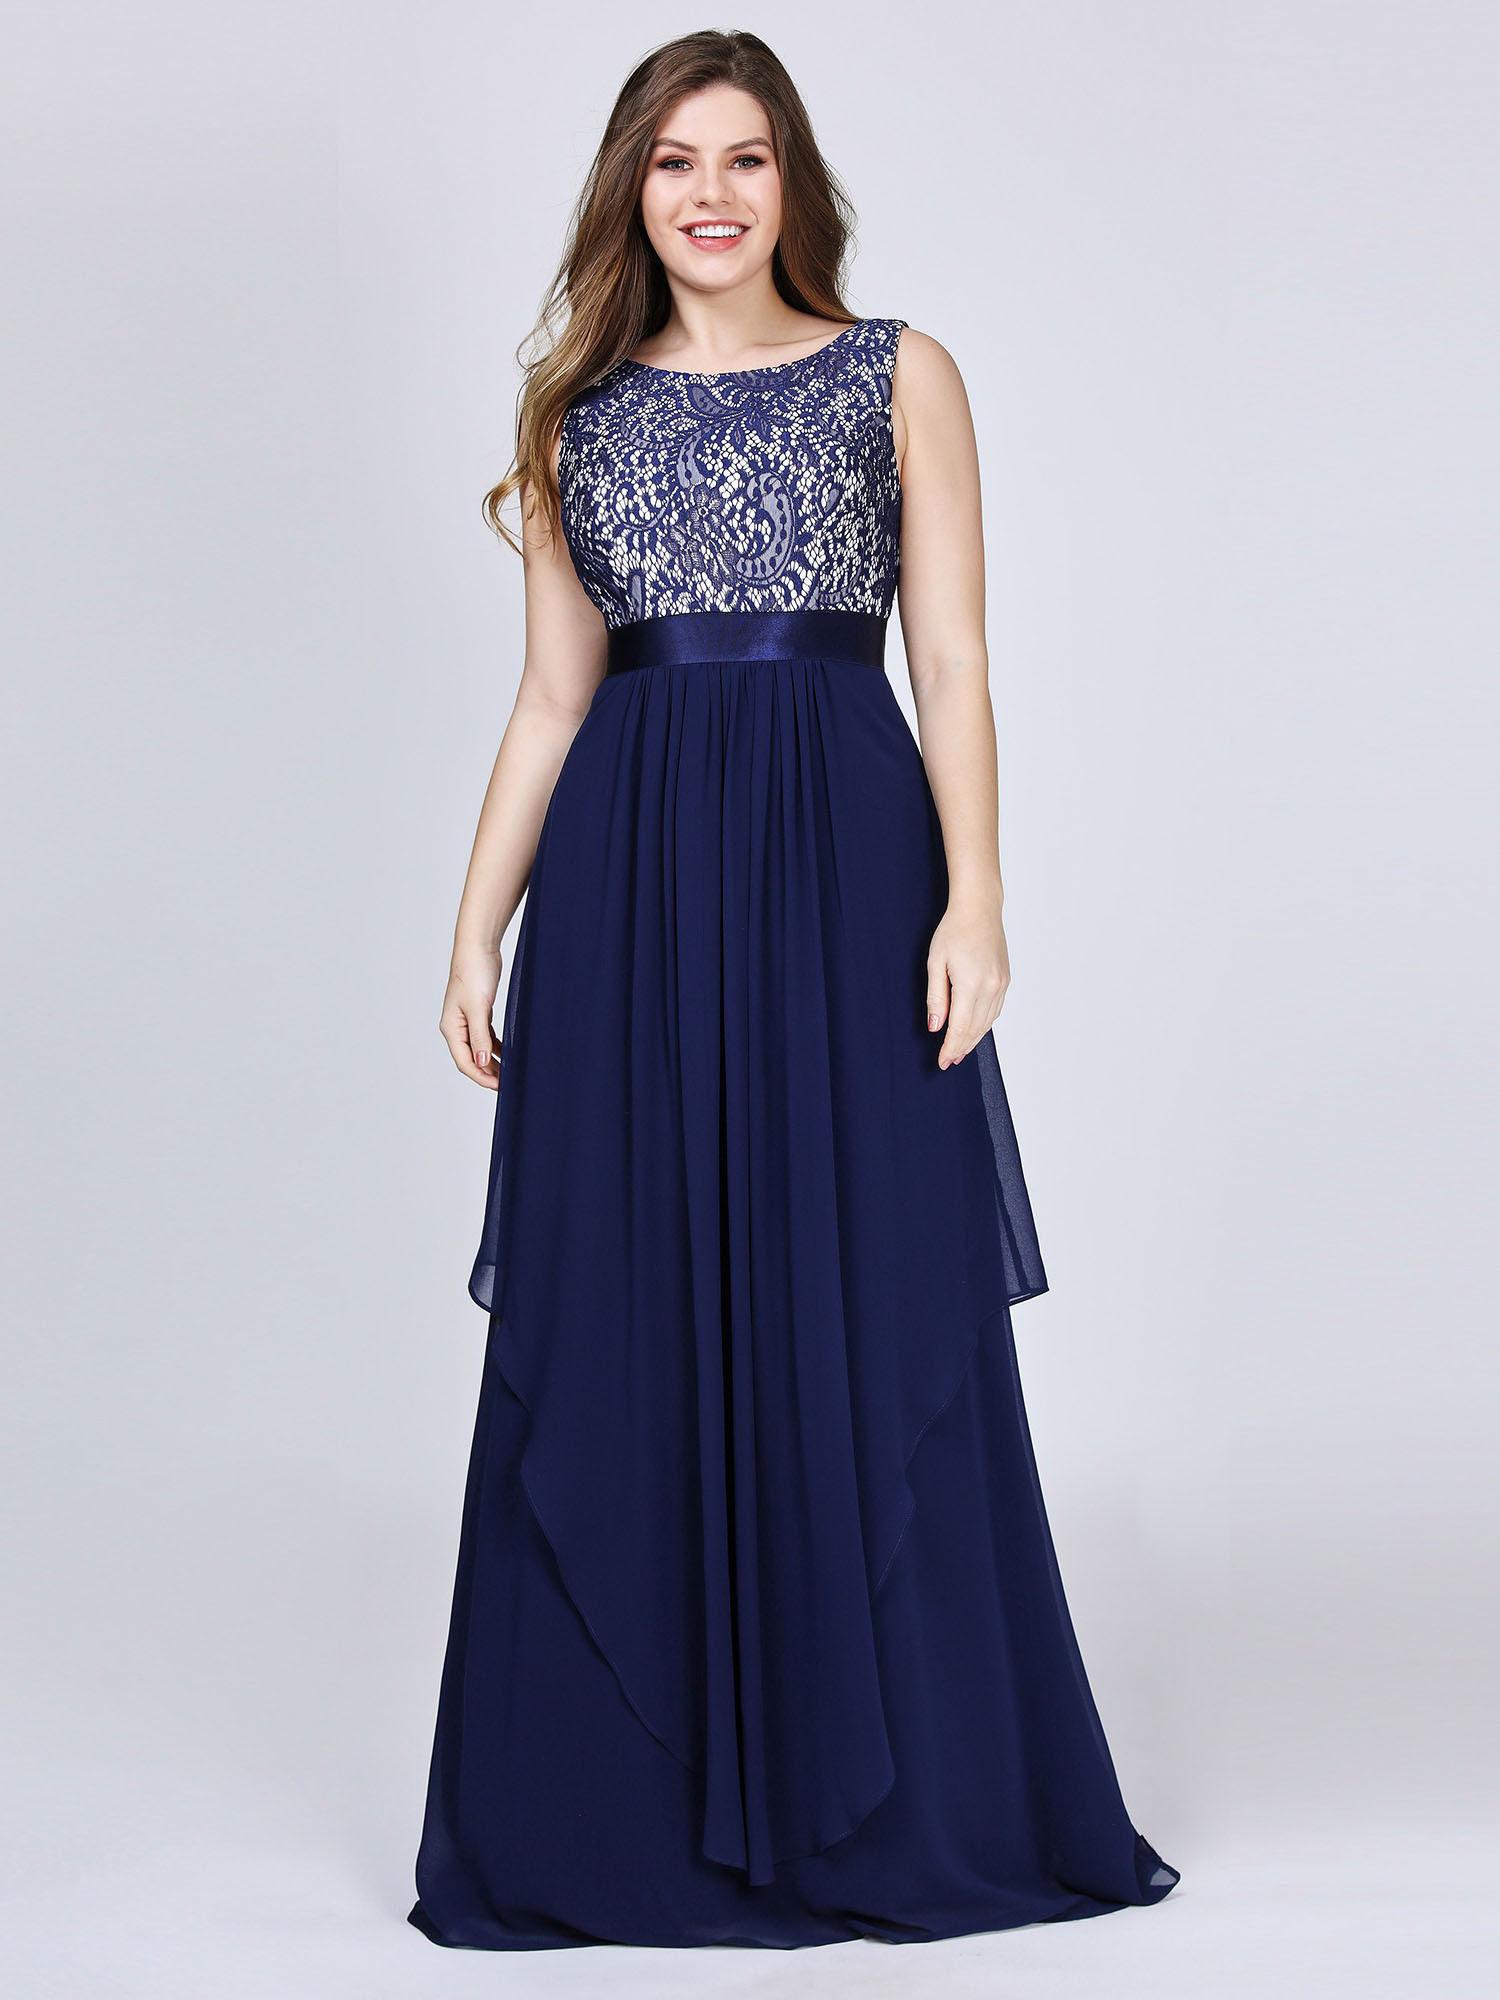 17 Spektakulär Abendkleid Schwarz Spitze Lang für 201910 Luxus Abendkleid Schwarz Spitze Lang Spezialgebiet